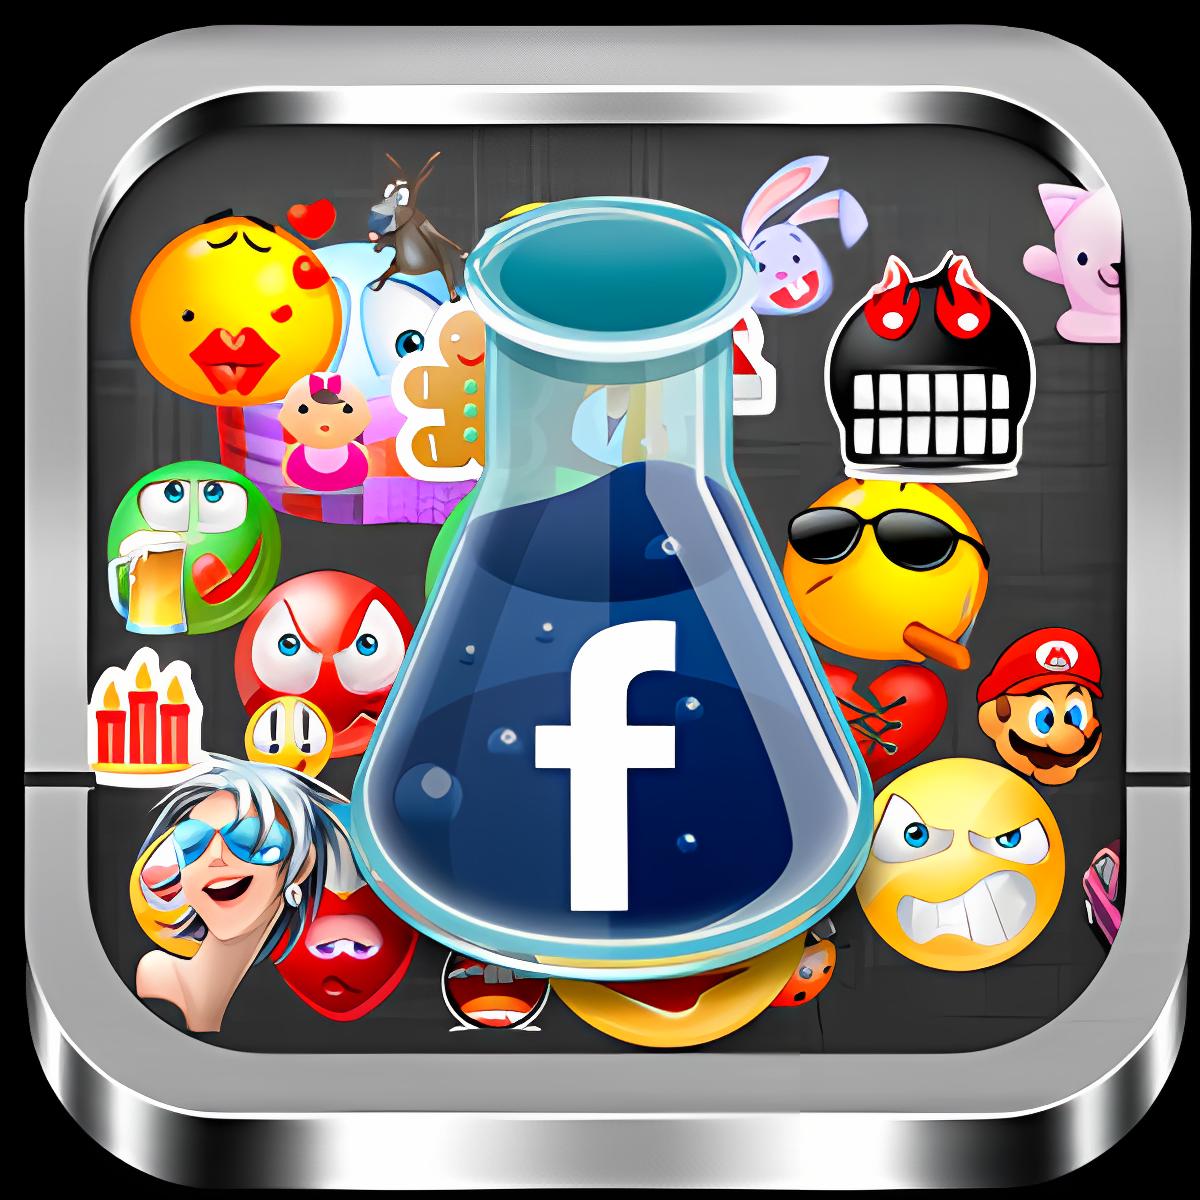 Smileys for Facebook messenger